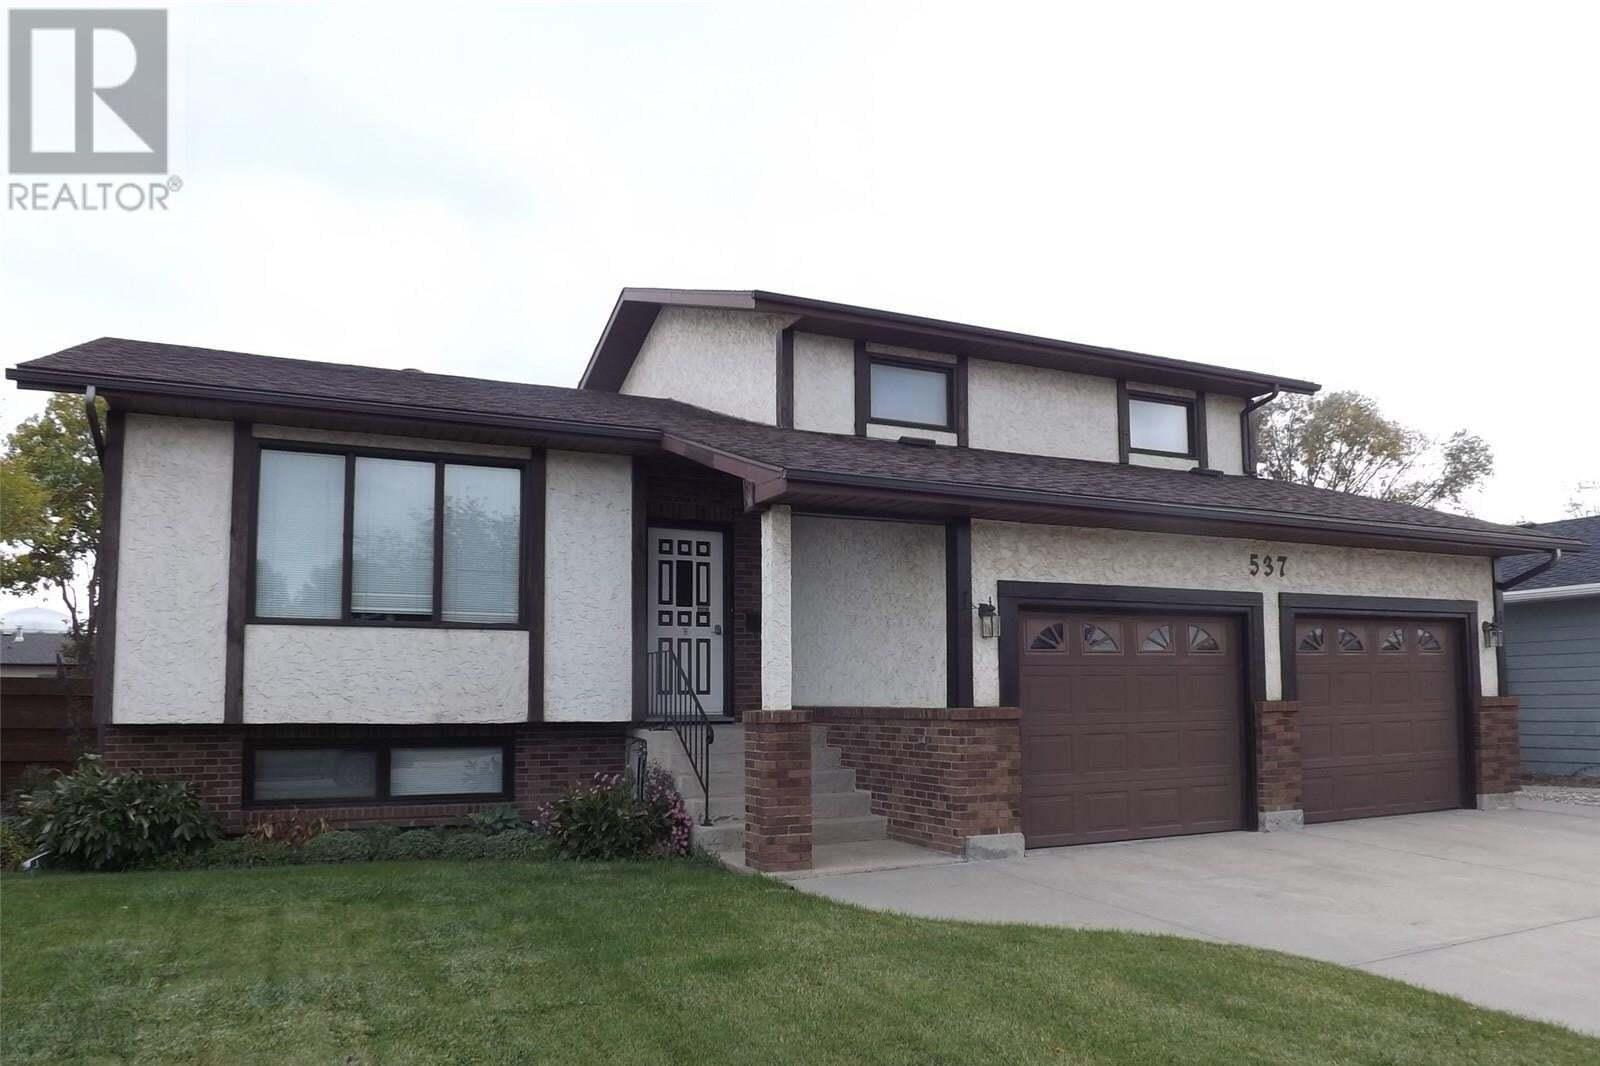 House for sale at 537 Milne Cres Estevan Saskatchewan - MLS: SK830445